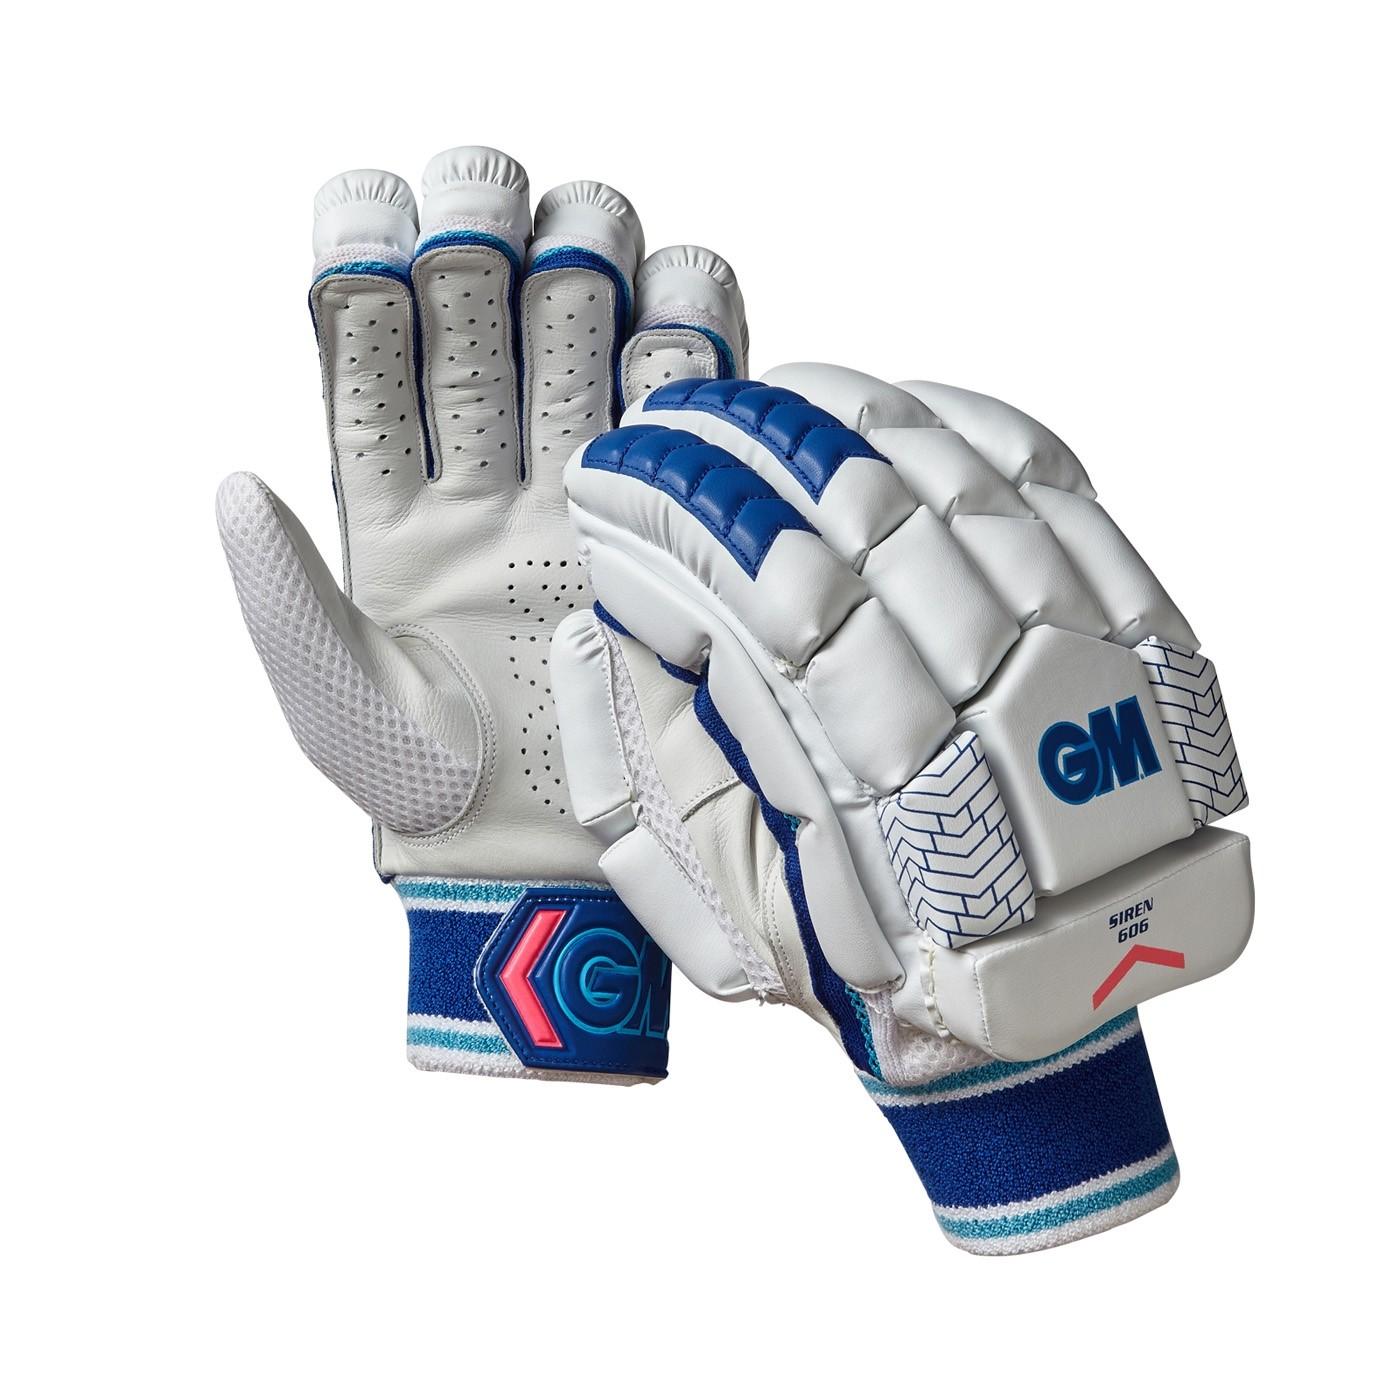 2021 Gunn and Moore Siren 606 Batting Gloves